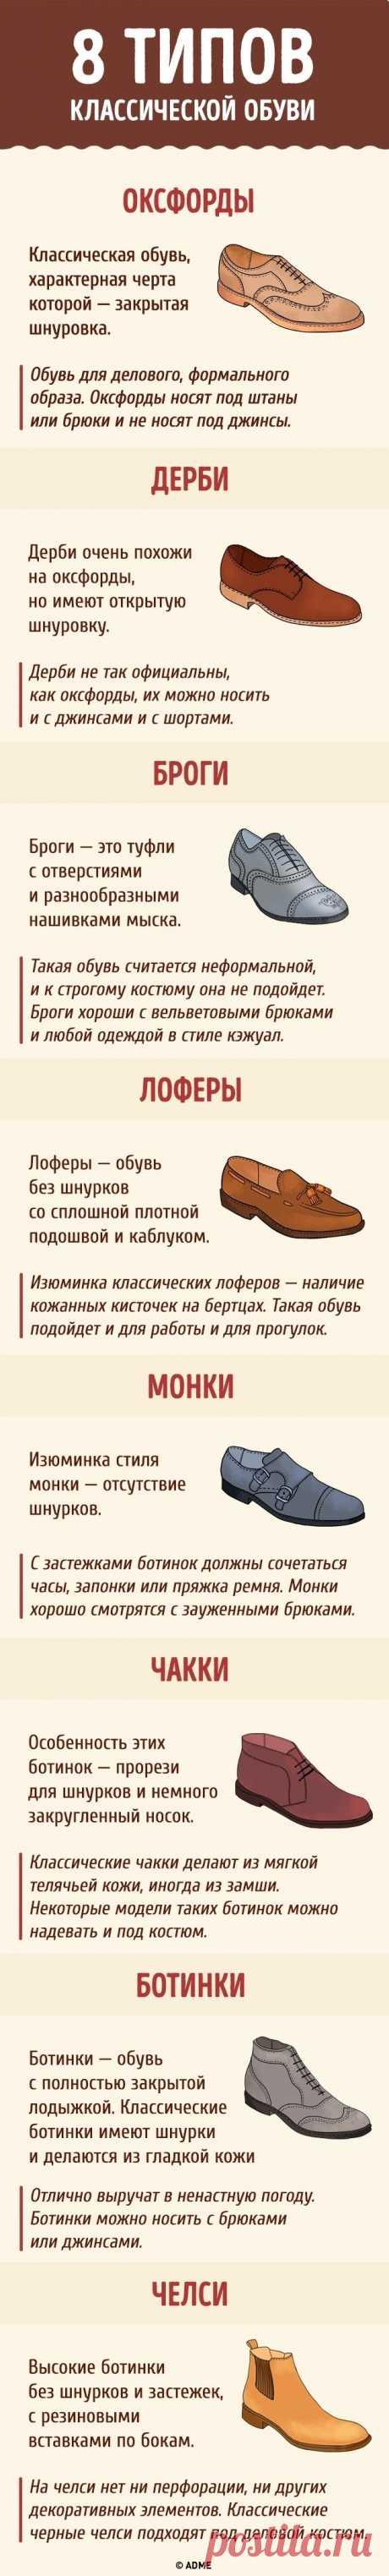 8 типов классической мужской обуви